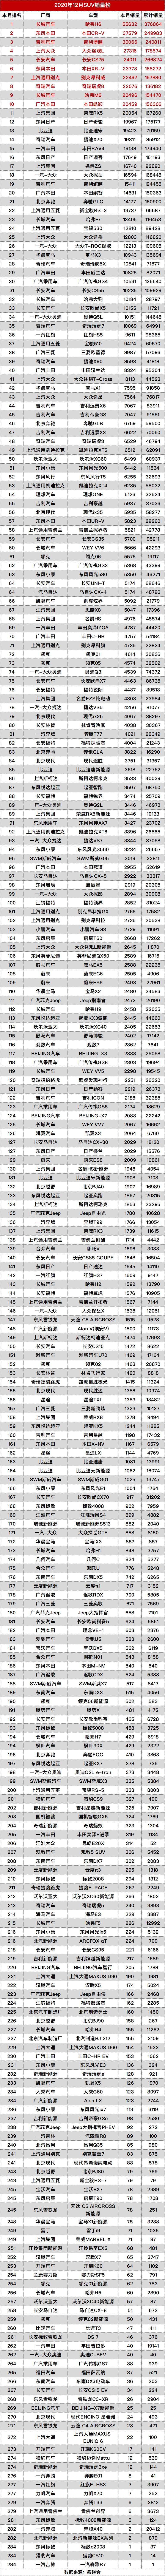 12月SUV销量榜单.png